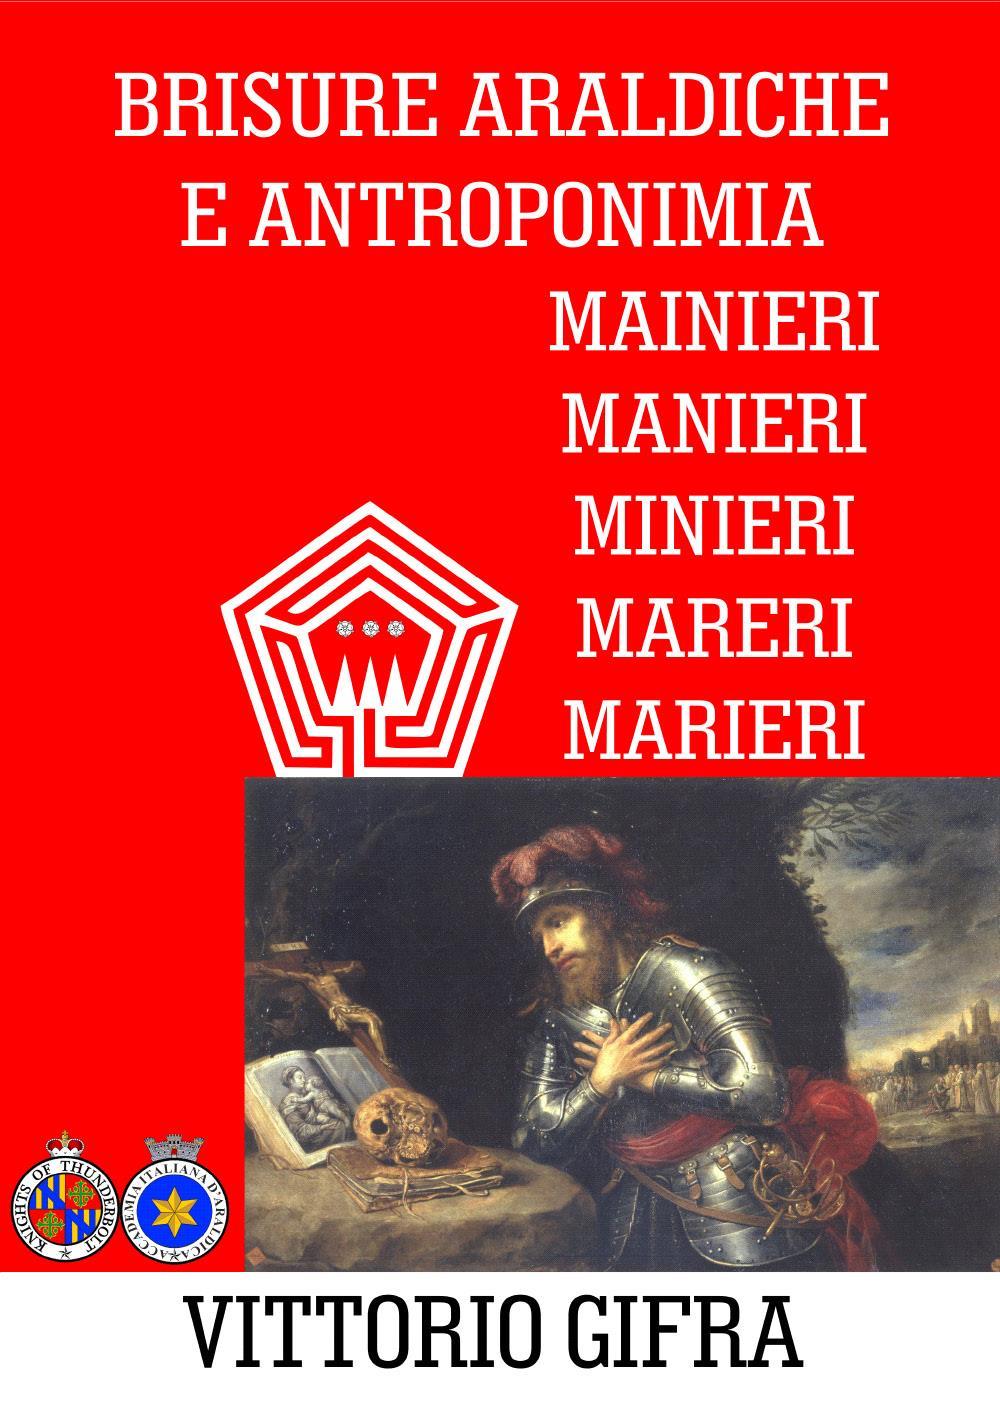 Brisure Araldiche e Antroponimia. Mainieri - Manieri - Minieri - Mareri - Marieri